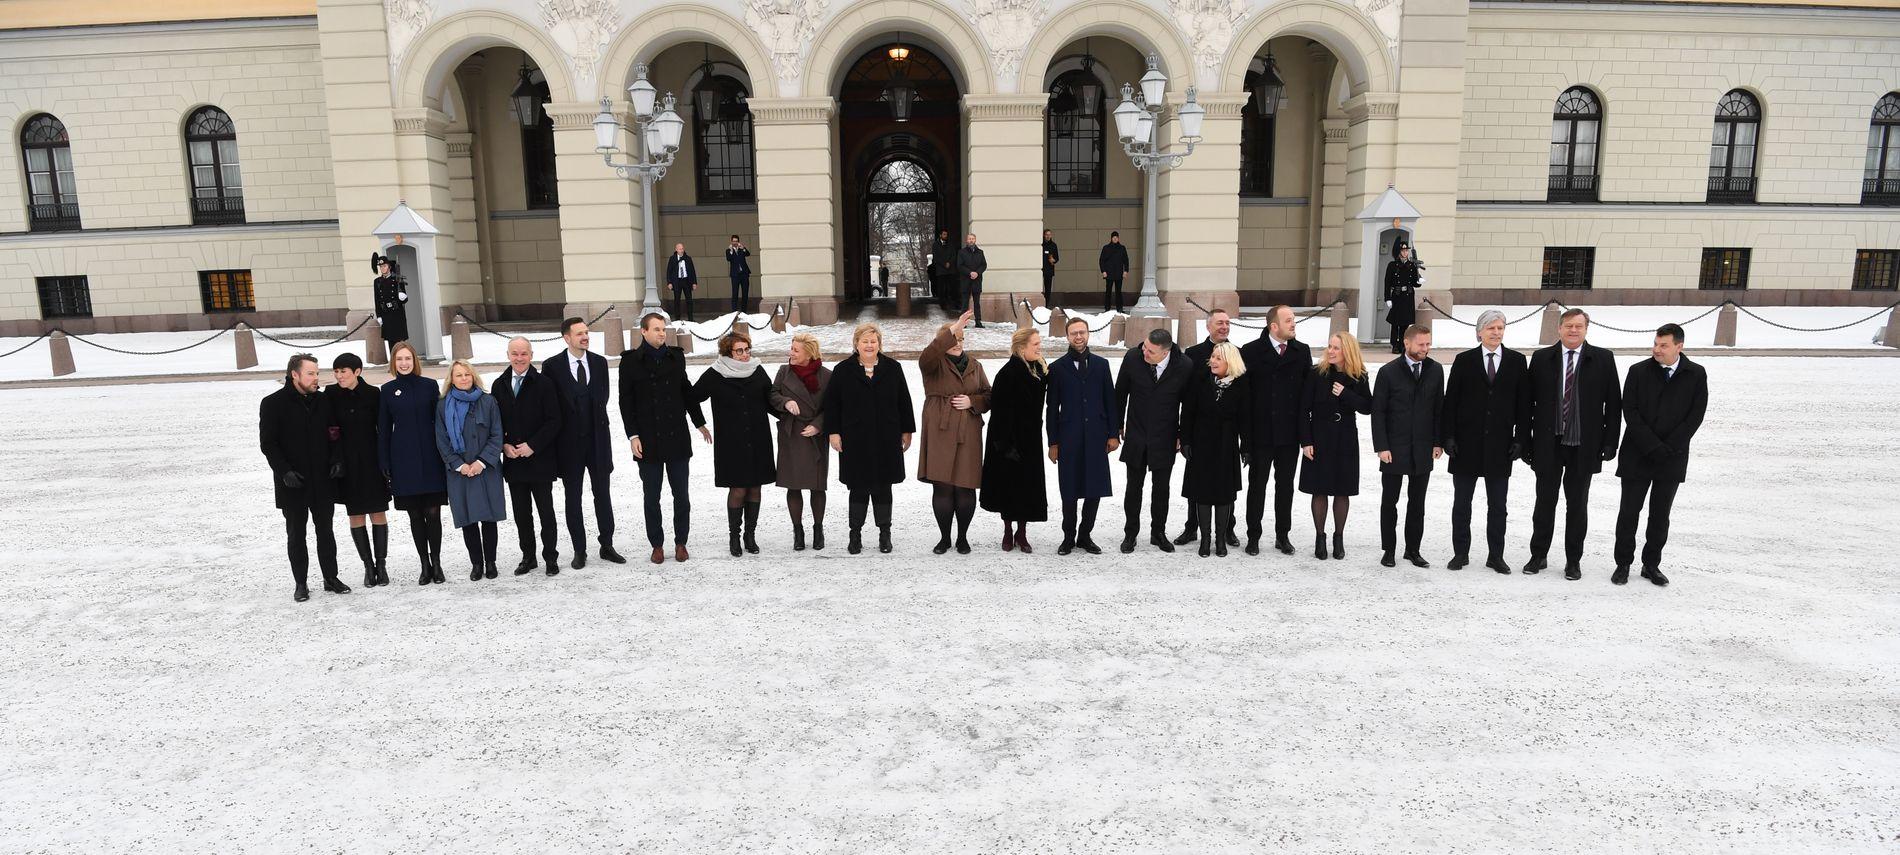 REKORDSTOR: Erna Solberg sa til sine regjeringskolleger, mens de gikk mot publikum og presse som sto utenfor slottet, at de måtte holde seg samlet. Det er uklart om det var fordi de er en rekordstor regjeringsflokk at statsministeren slet med å holde alle samlet.